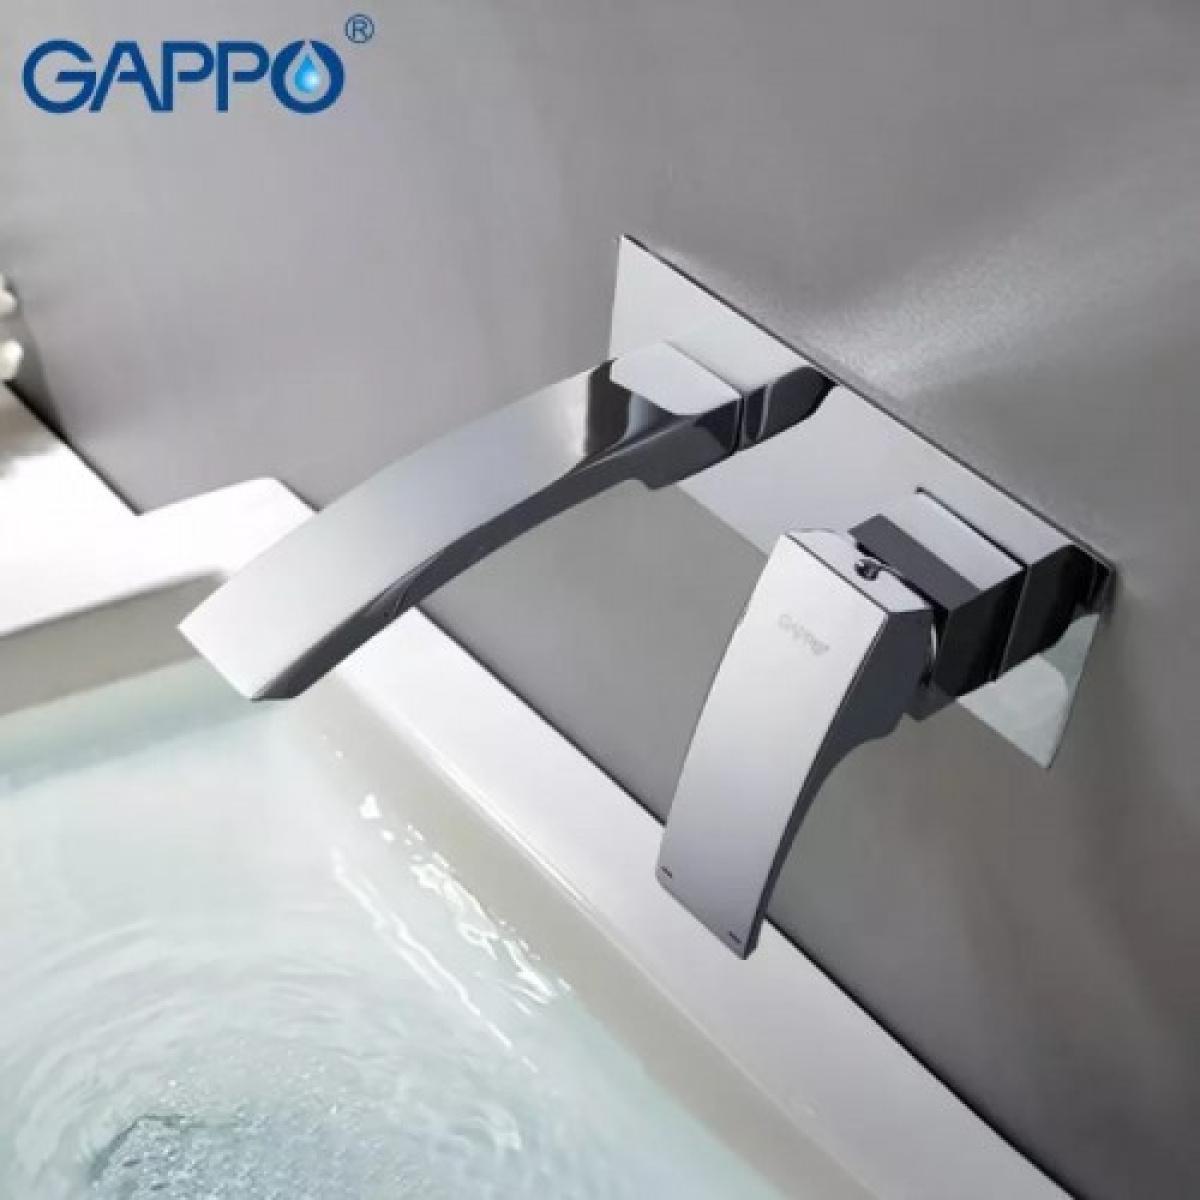 Встраиваемый смеситель для раковины хром gappo g1007-2